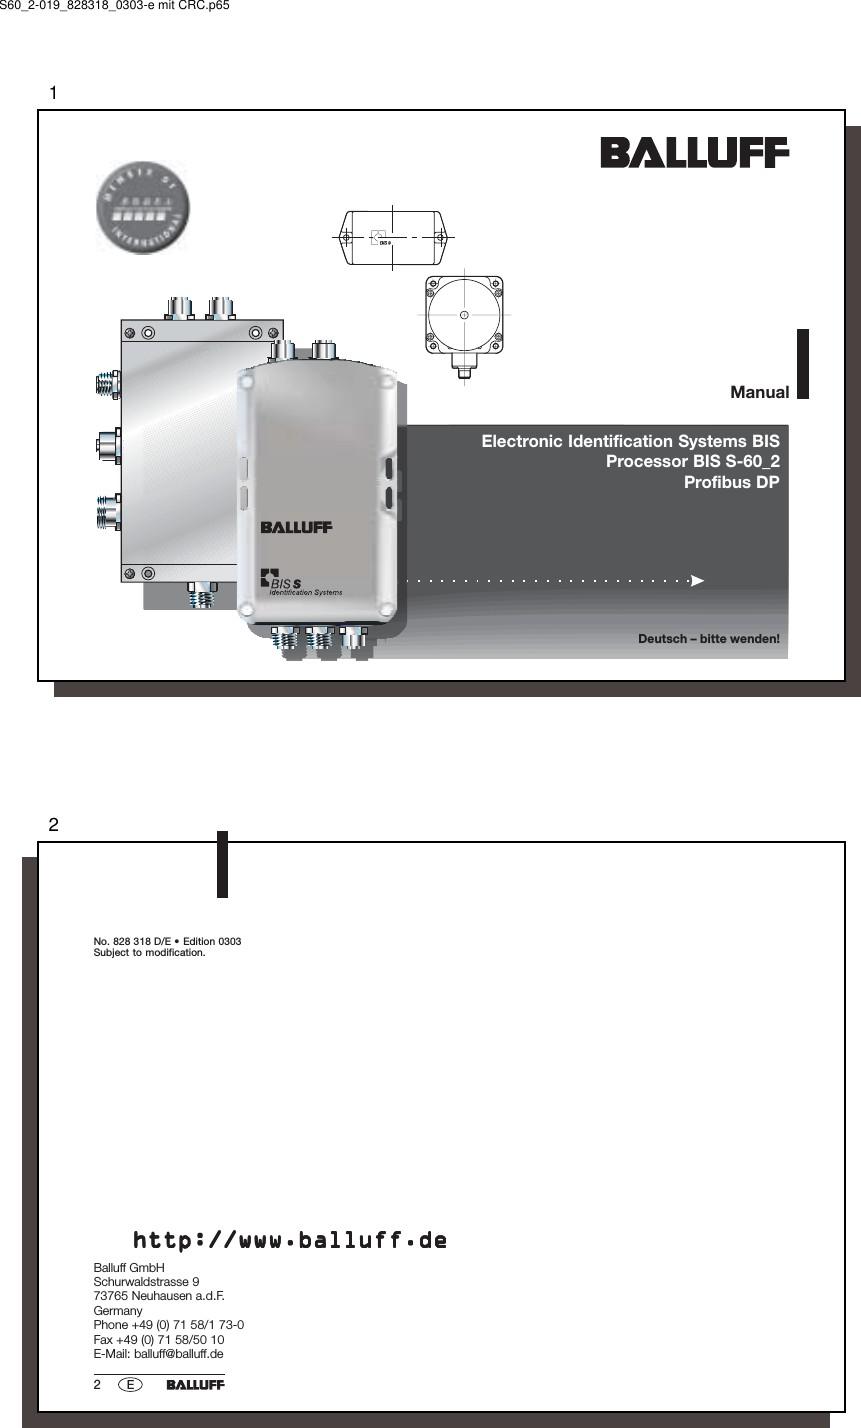 Transmission Diagram Manual Biss301j Tag Reader User Manual Manual 2 Balluff Inc Of Transmission Diagram Manual